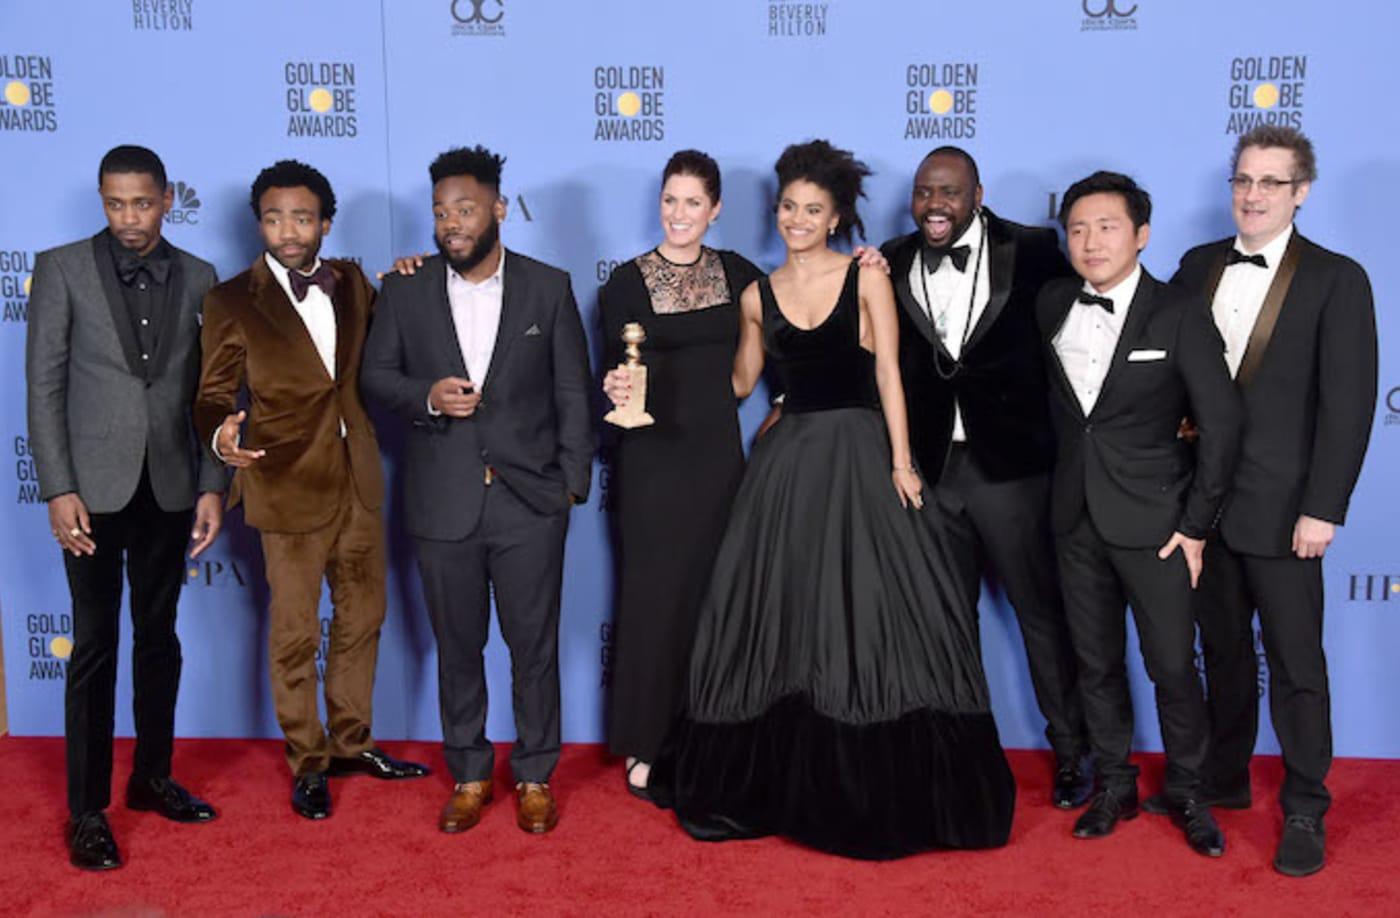 Atlanta Golden Globes